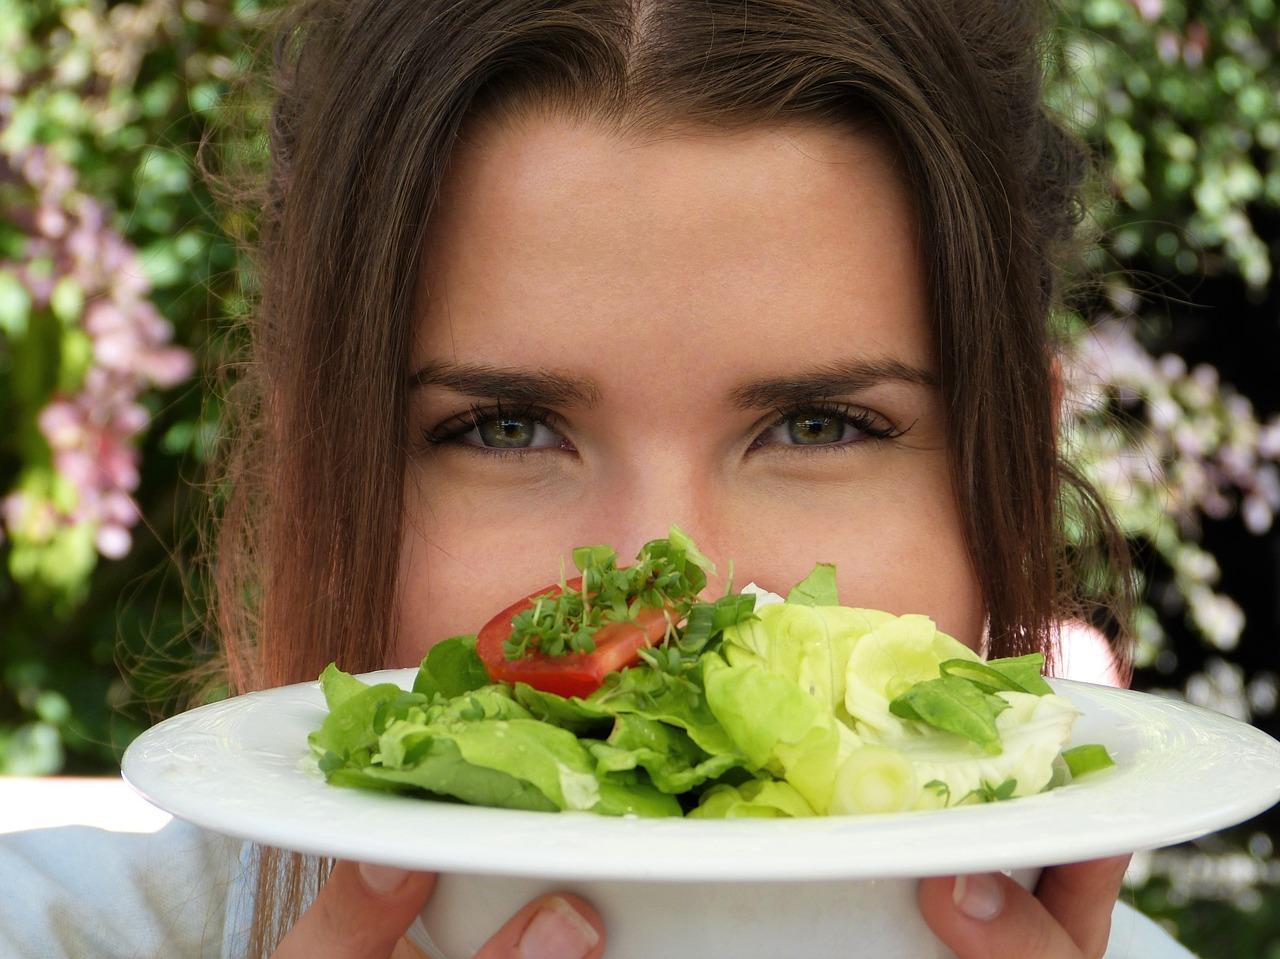 Dieta ed attività fisica per combattere la depressione e l'ansia